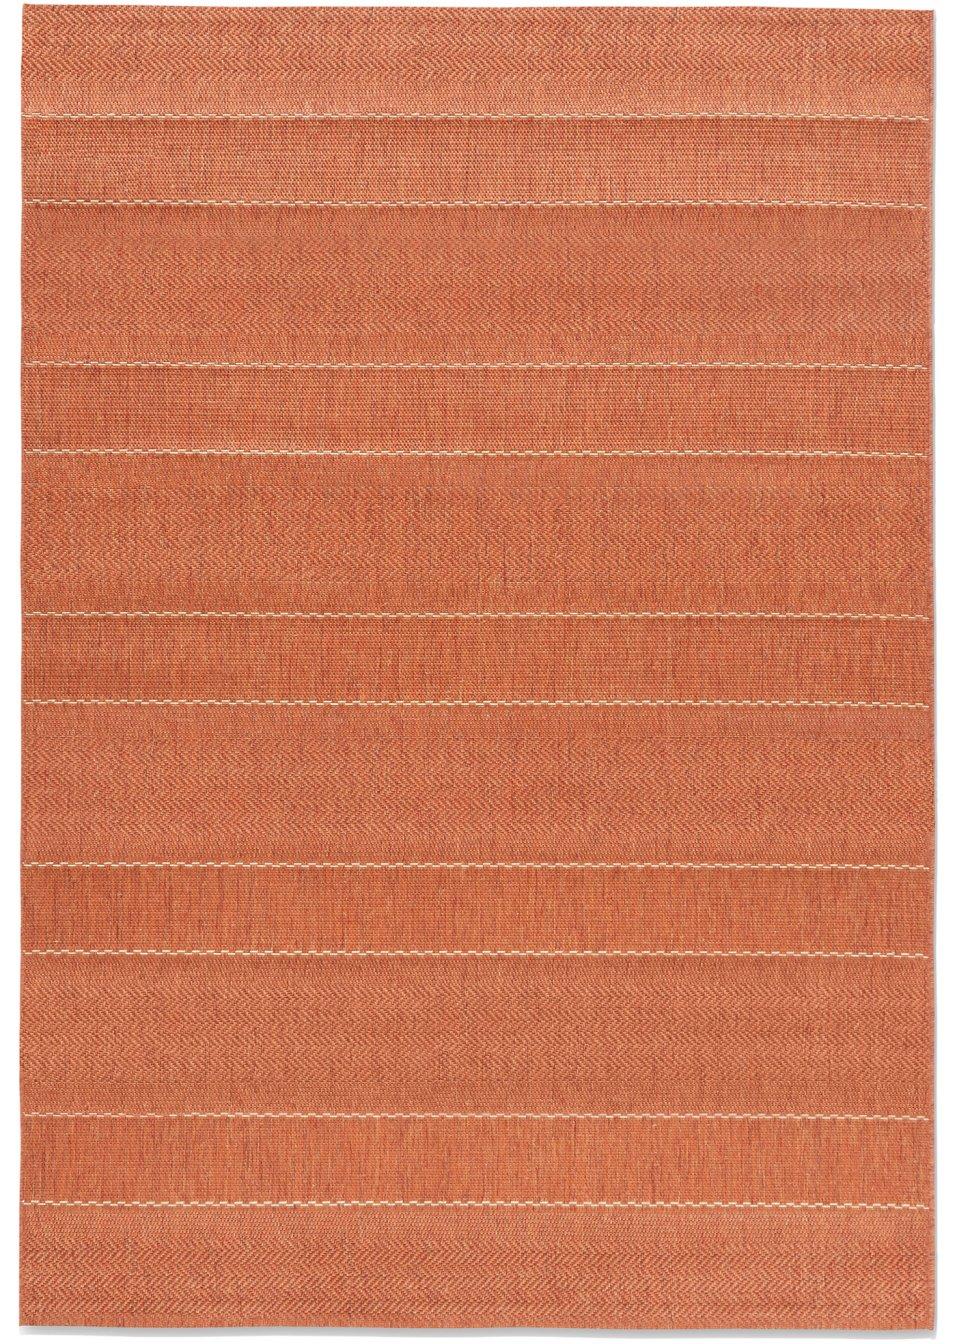 tapis bayreuth usage int rieur et ext rieur terre cuite bpc living acheter online. Black Bedroom Furniture Sets. Home Design Ideas